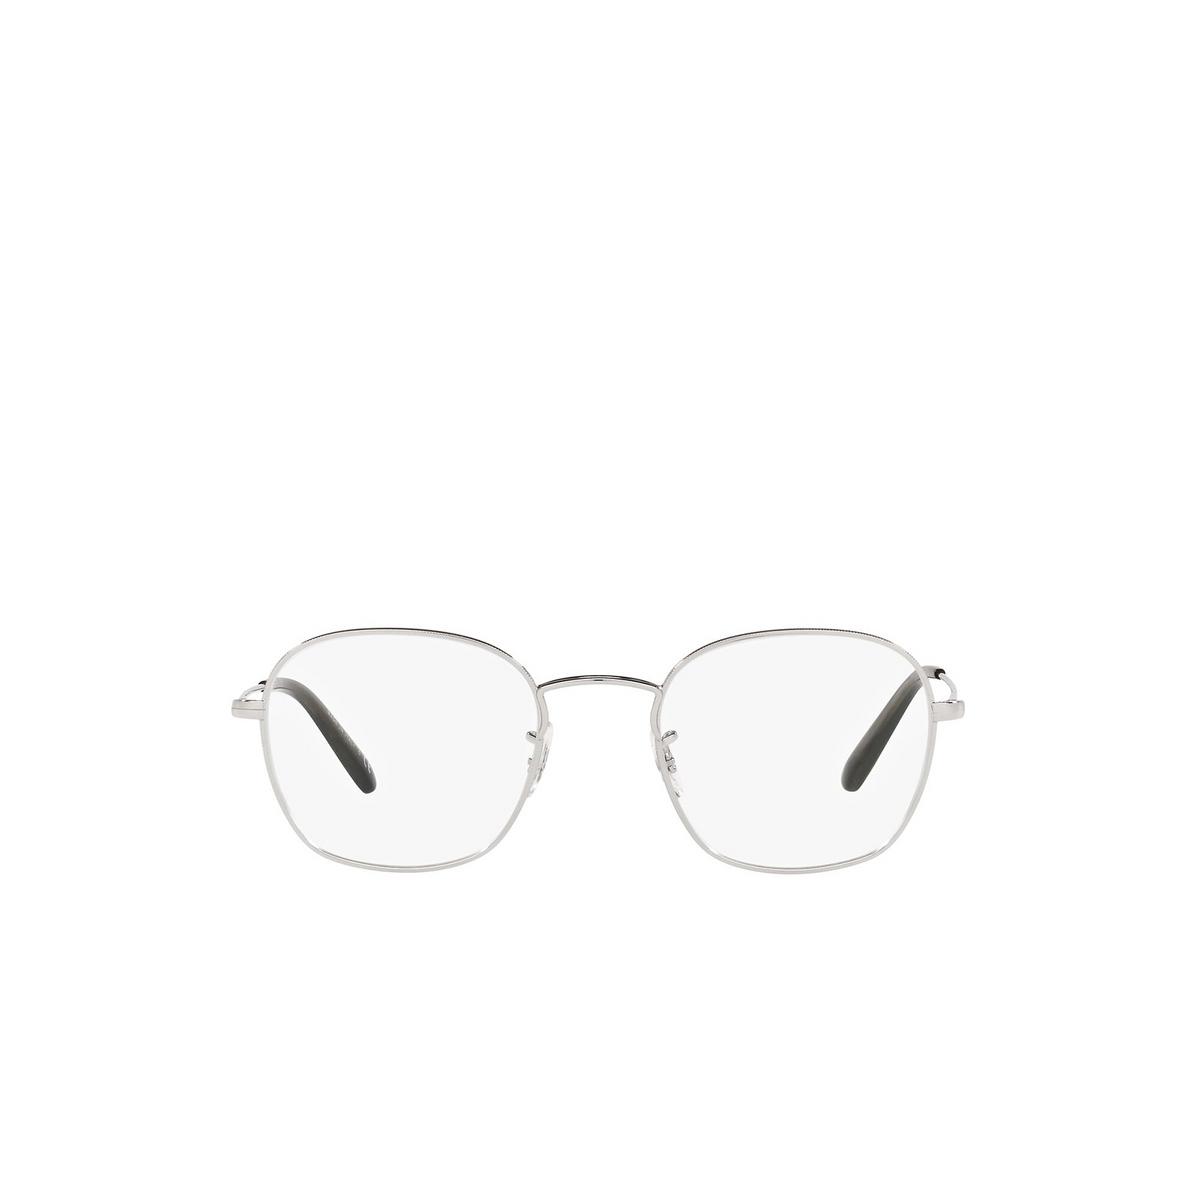 Oliver Peoples® Round Eyeglasses: Allinger OV1284 color Silver 5036 - front view.